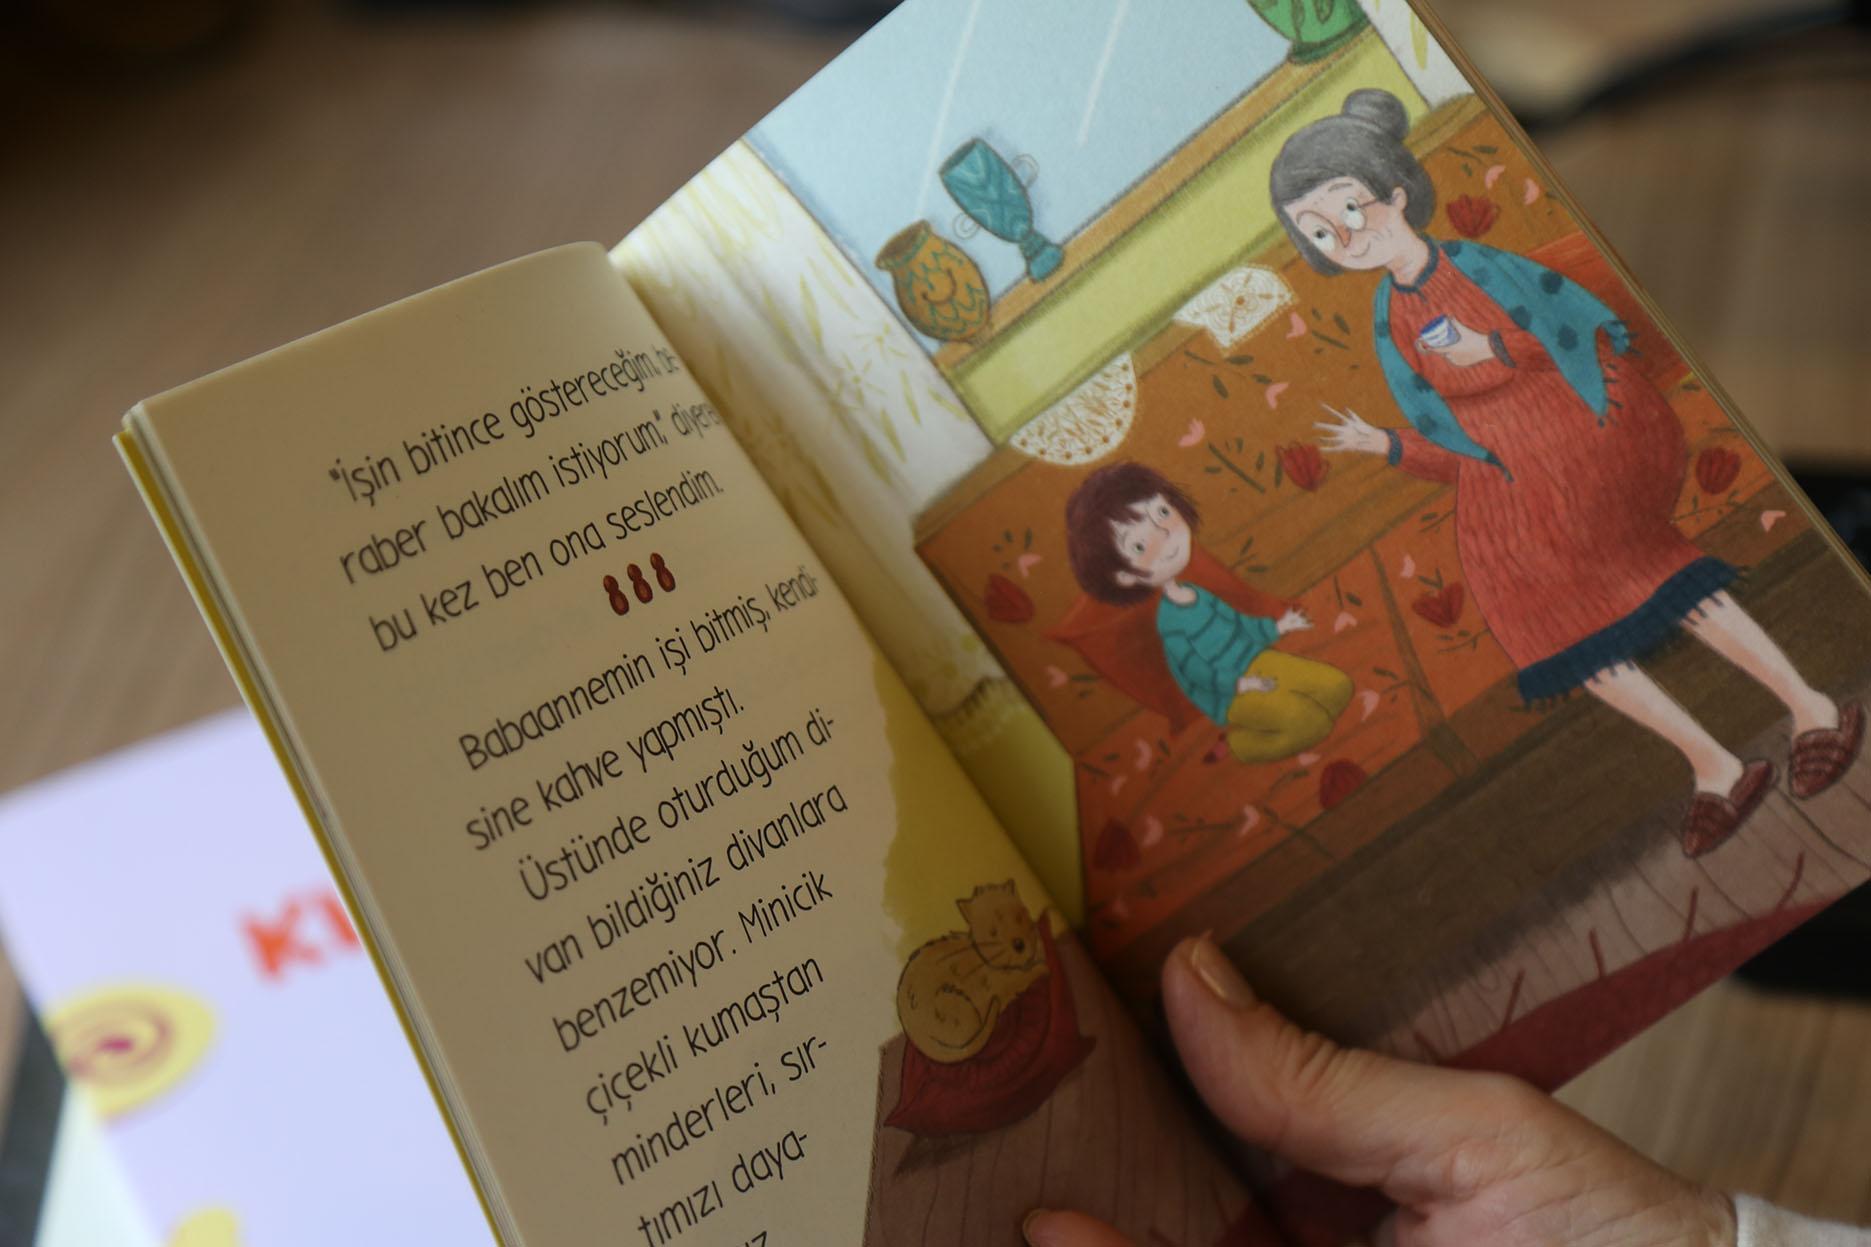 KİTAP OKUYARAK GÖRME ENGELLİLERİN GÖZÜ VE KULAĞI OLABİLİRSİNİZ